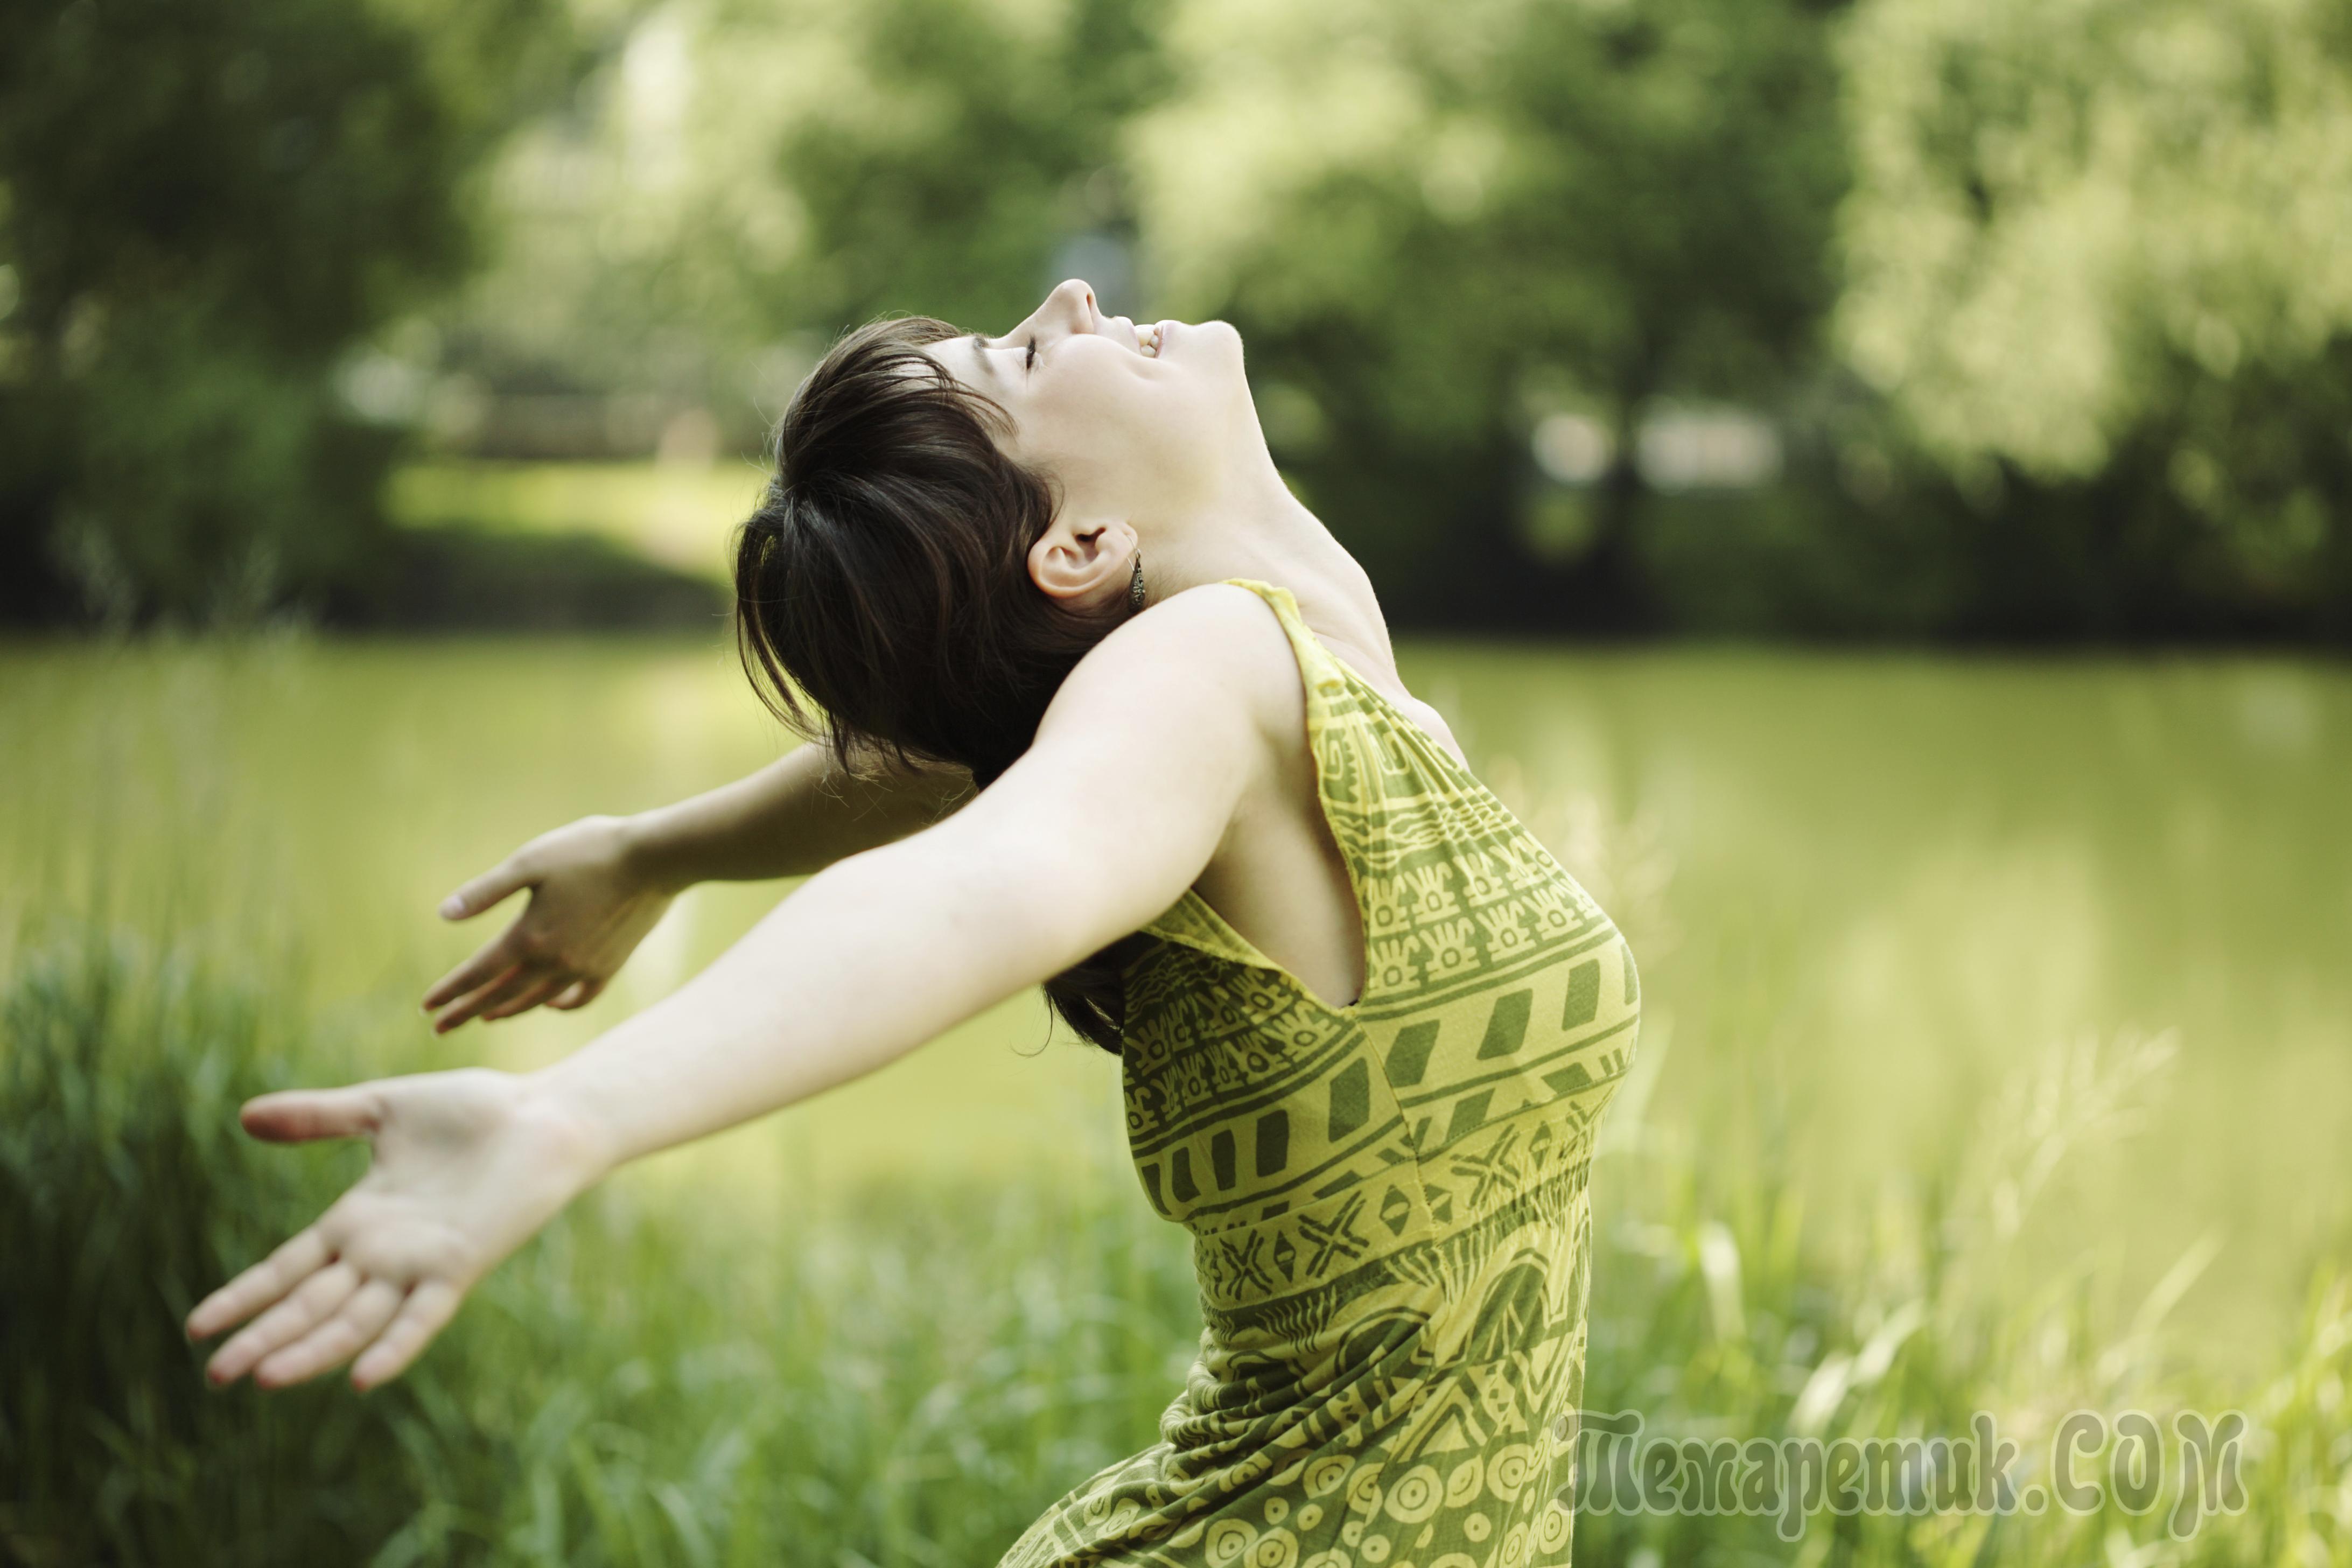 нравится картинки ощущения счастья искренне благодарна